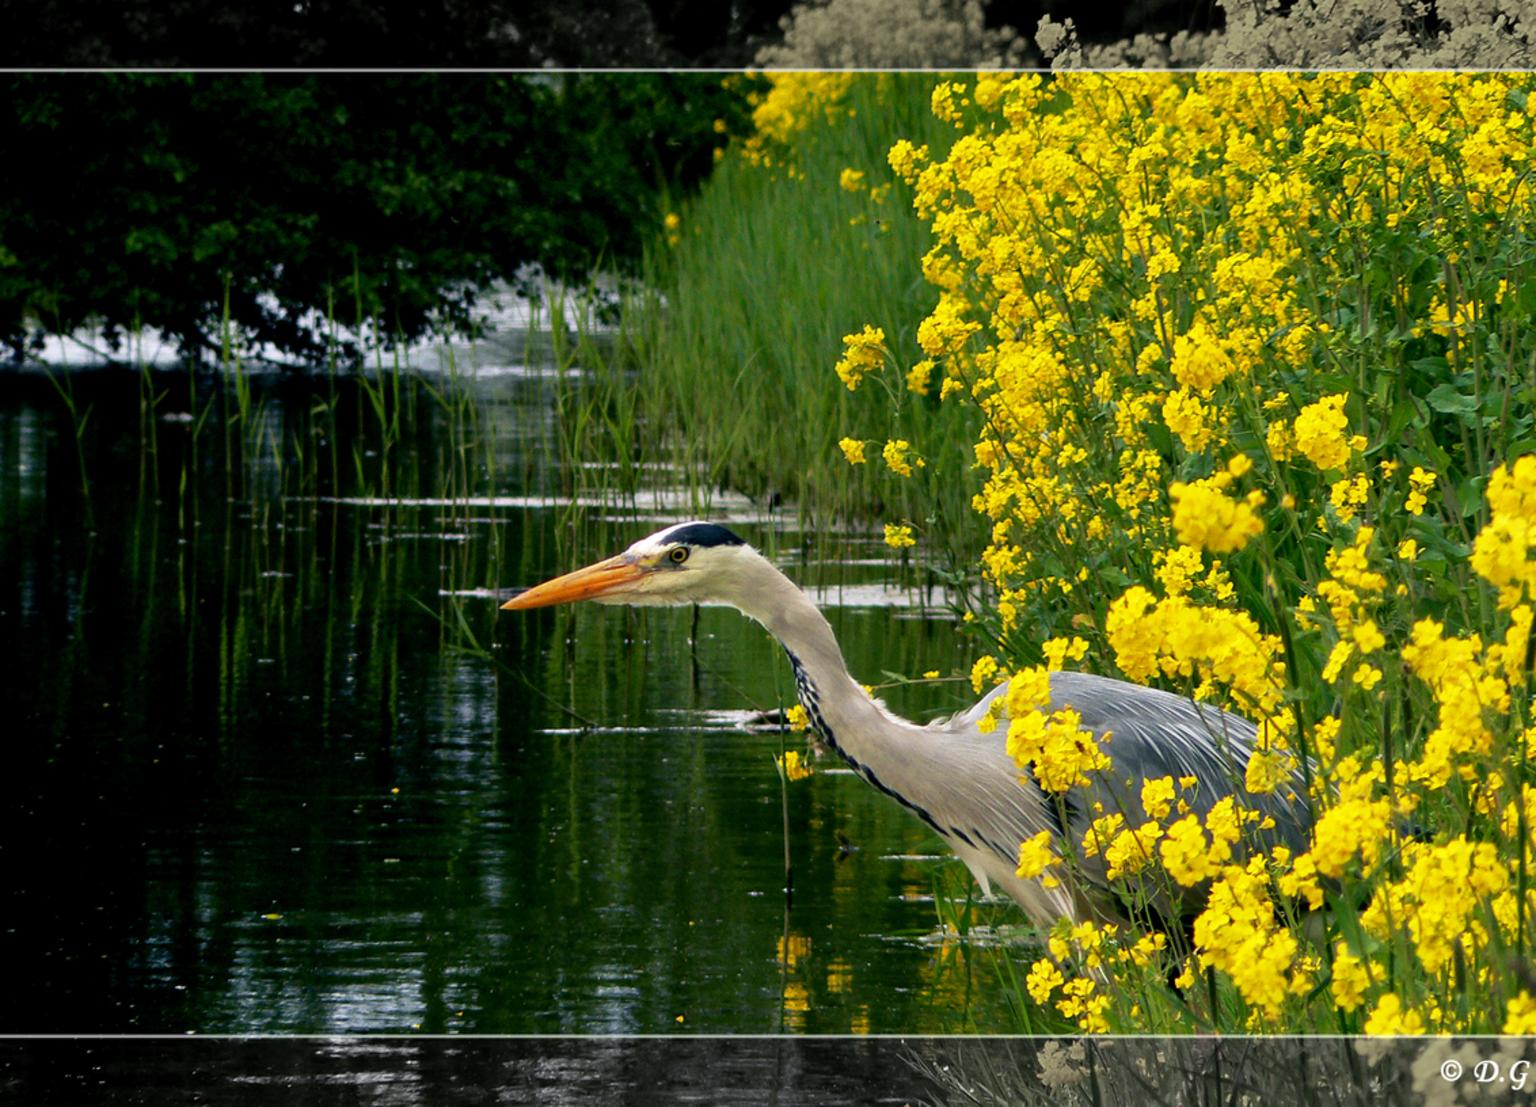 Silent Hunter - Minuten, uren zo stil blijven zitten zonder er nekklachen aan over te houden.  Bewonderingswaardig! - foto door daniel44 op 05-05-2008 - deze foto bevat: groen, water, natuur, blauwe, vogel, geel, rijger, daniel44